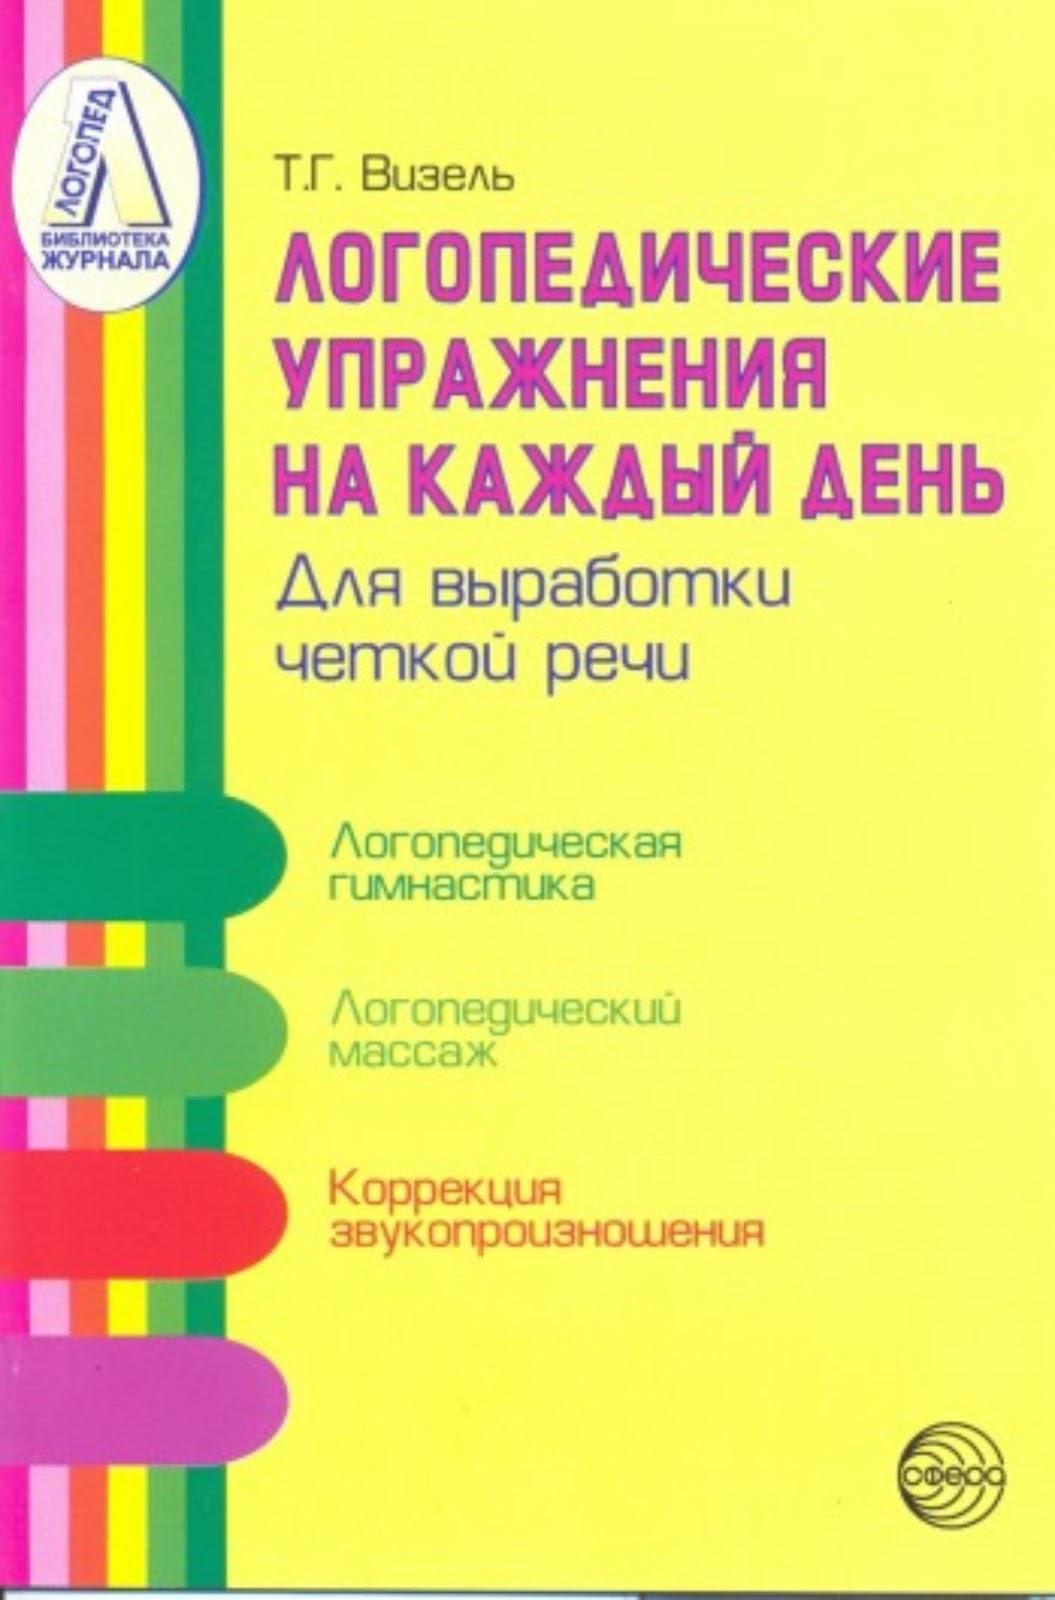 Книги по логопедии скачать бесплатно